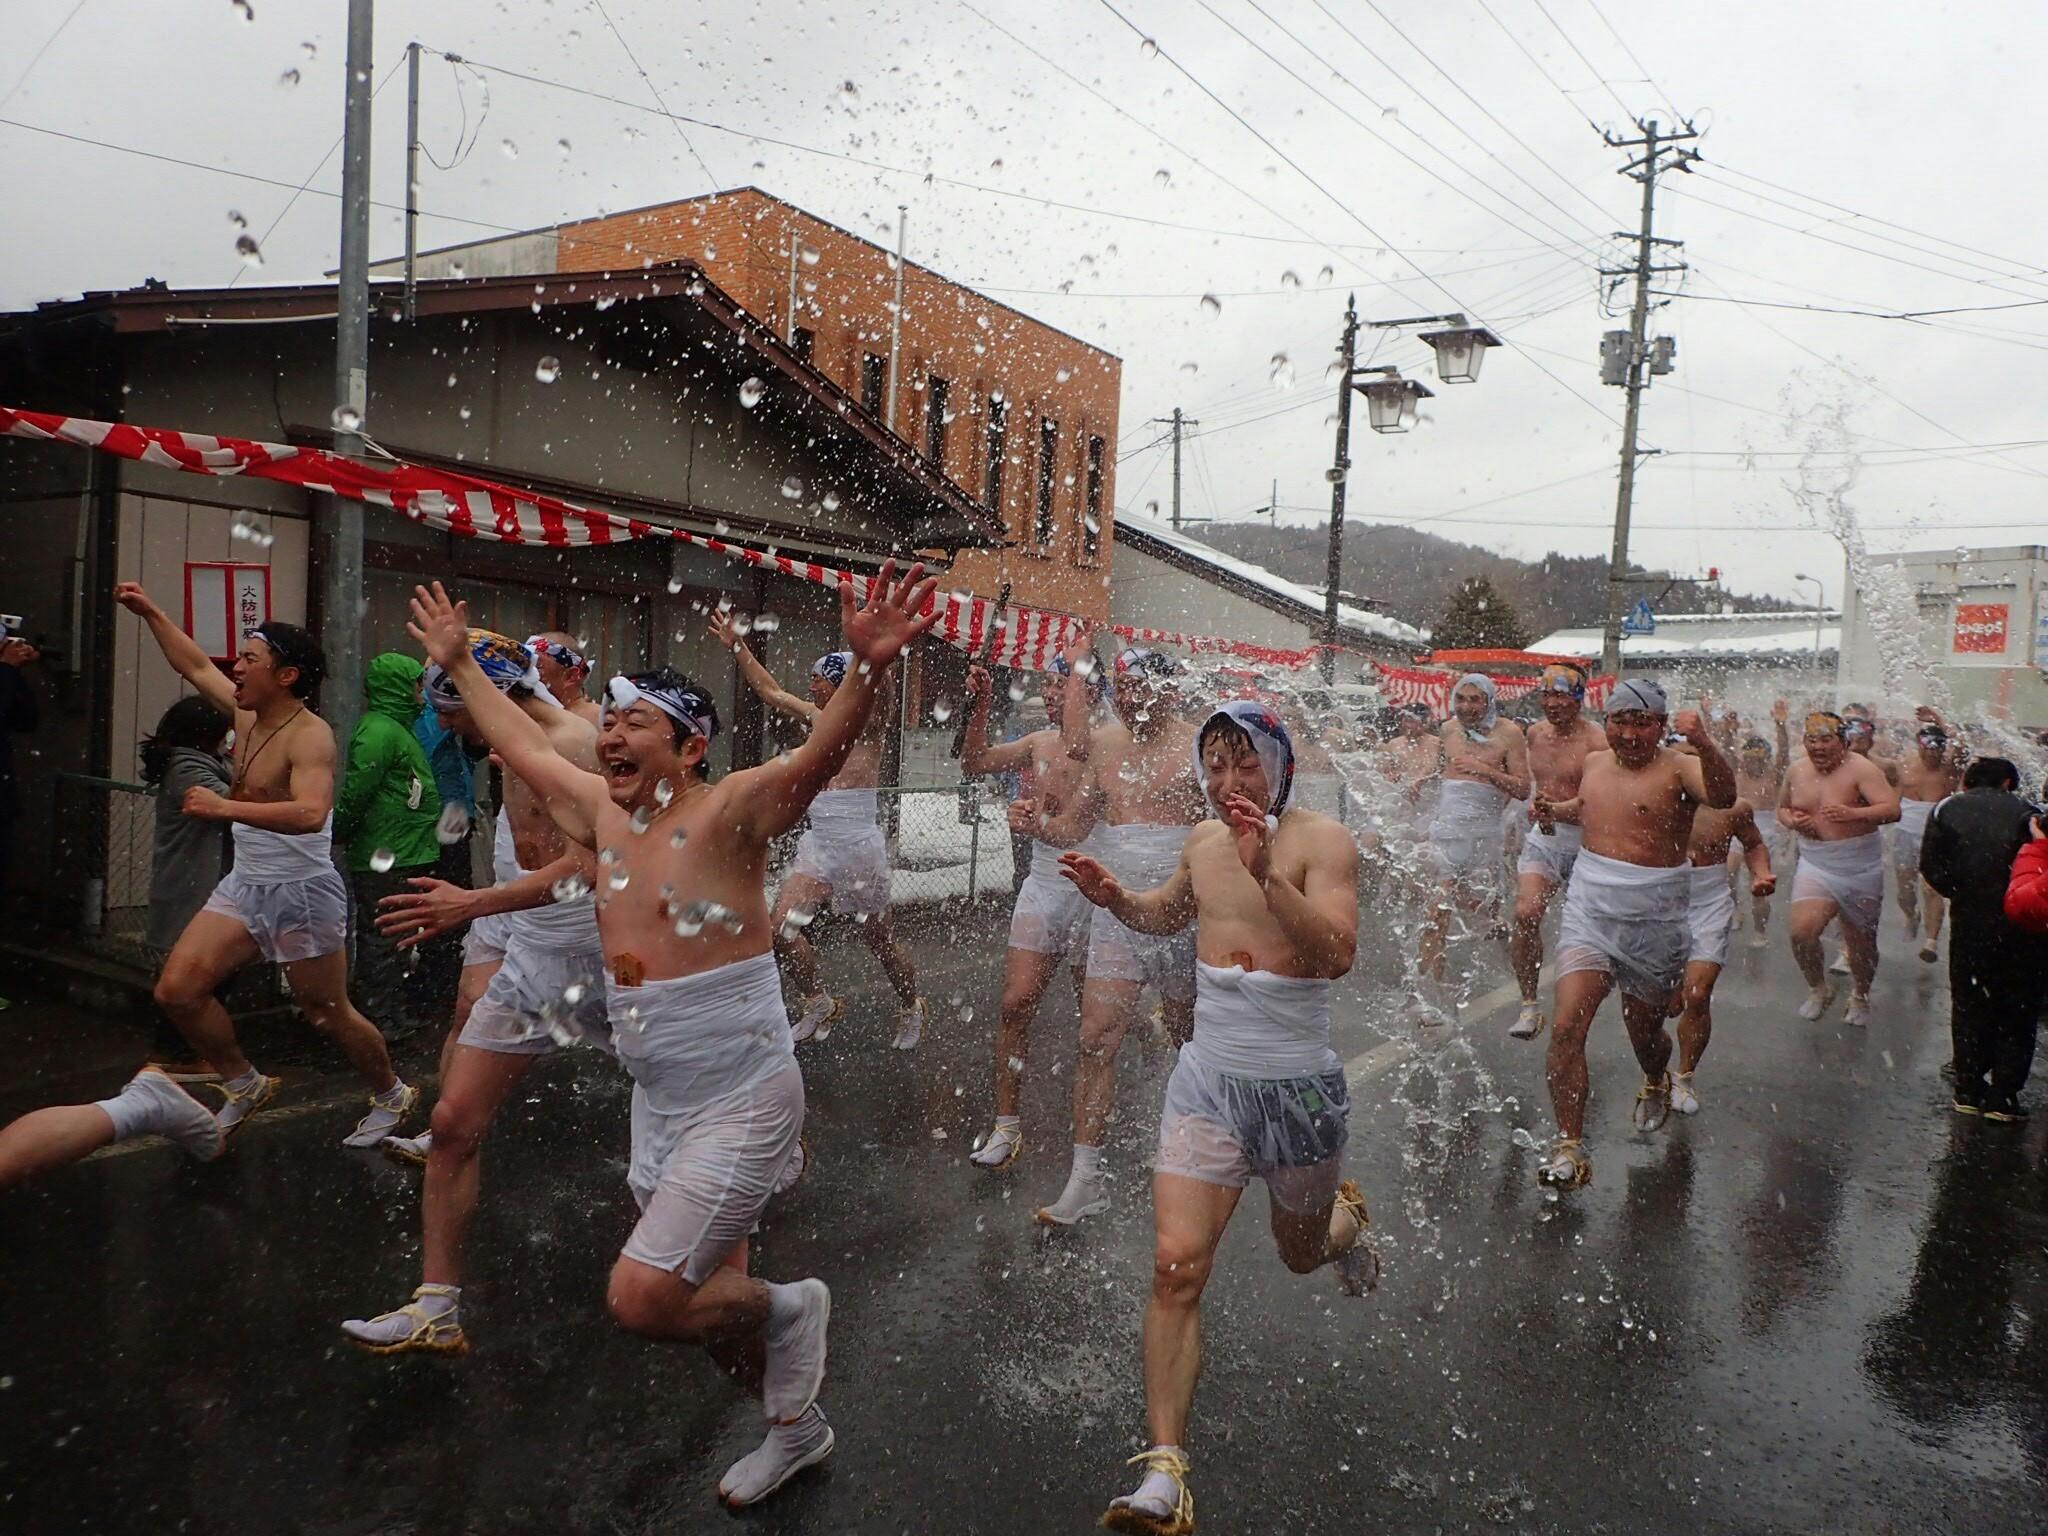 大東大原水かけ祭り【2021年メインの裸男への水かけなど来年の祭りの大半を中止】